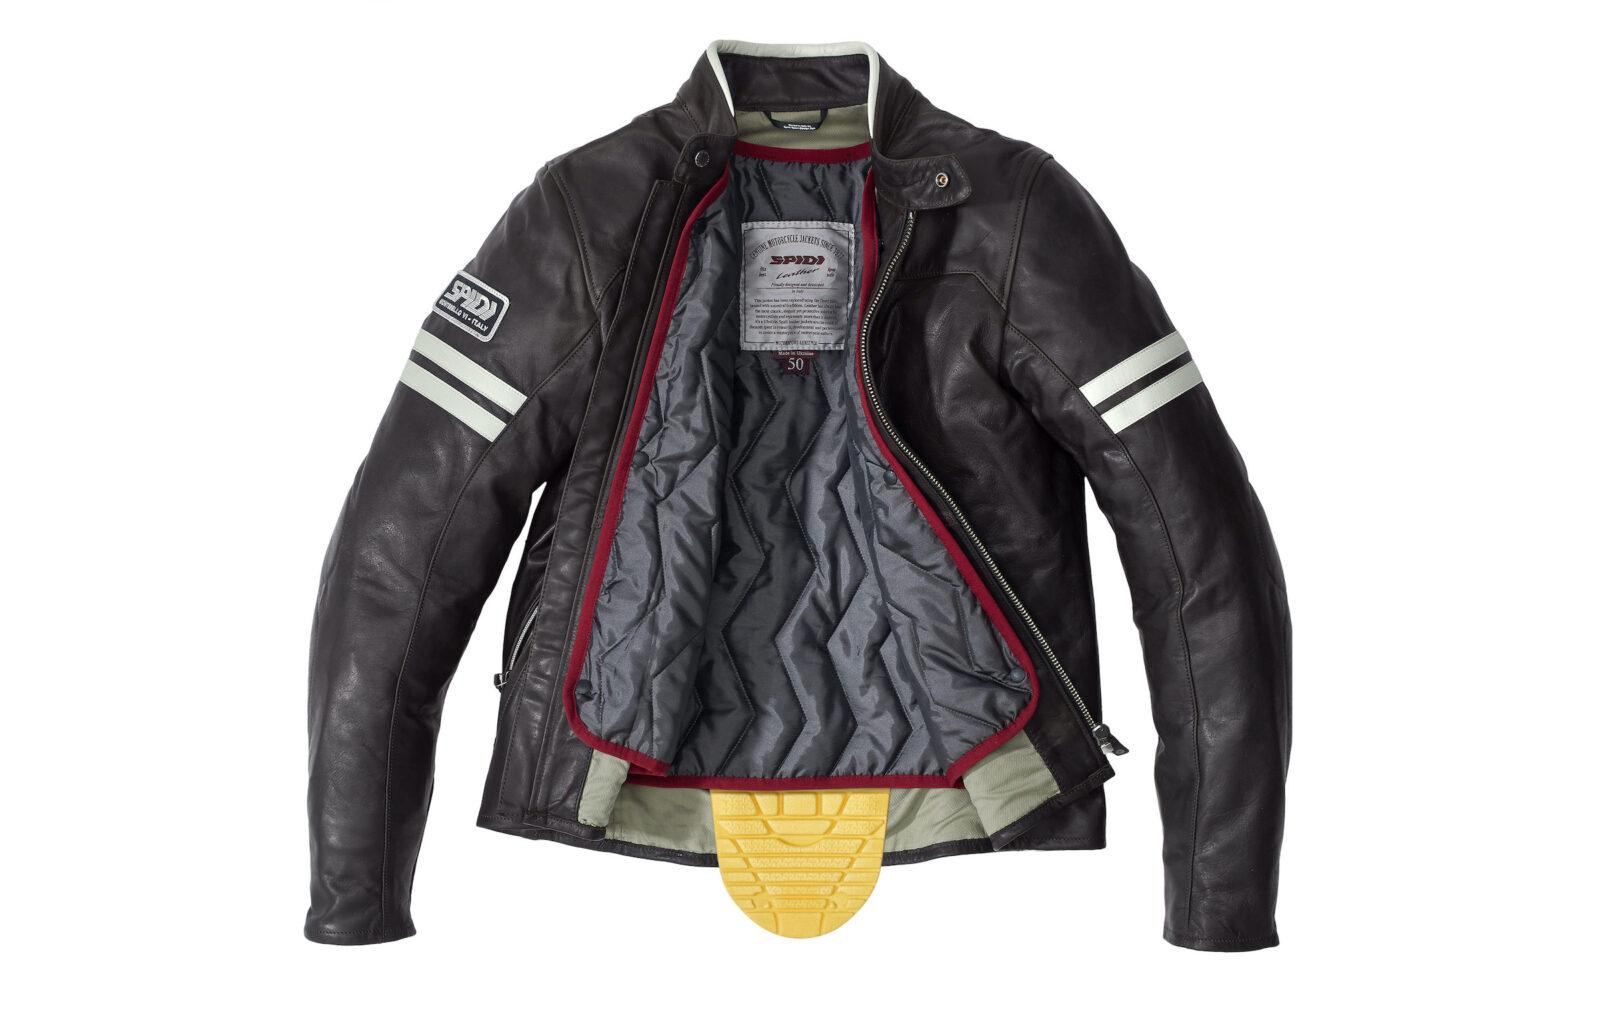 Spidi Vintage Leather Jacket